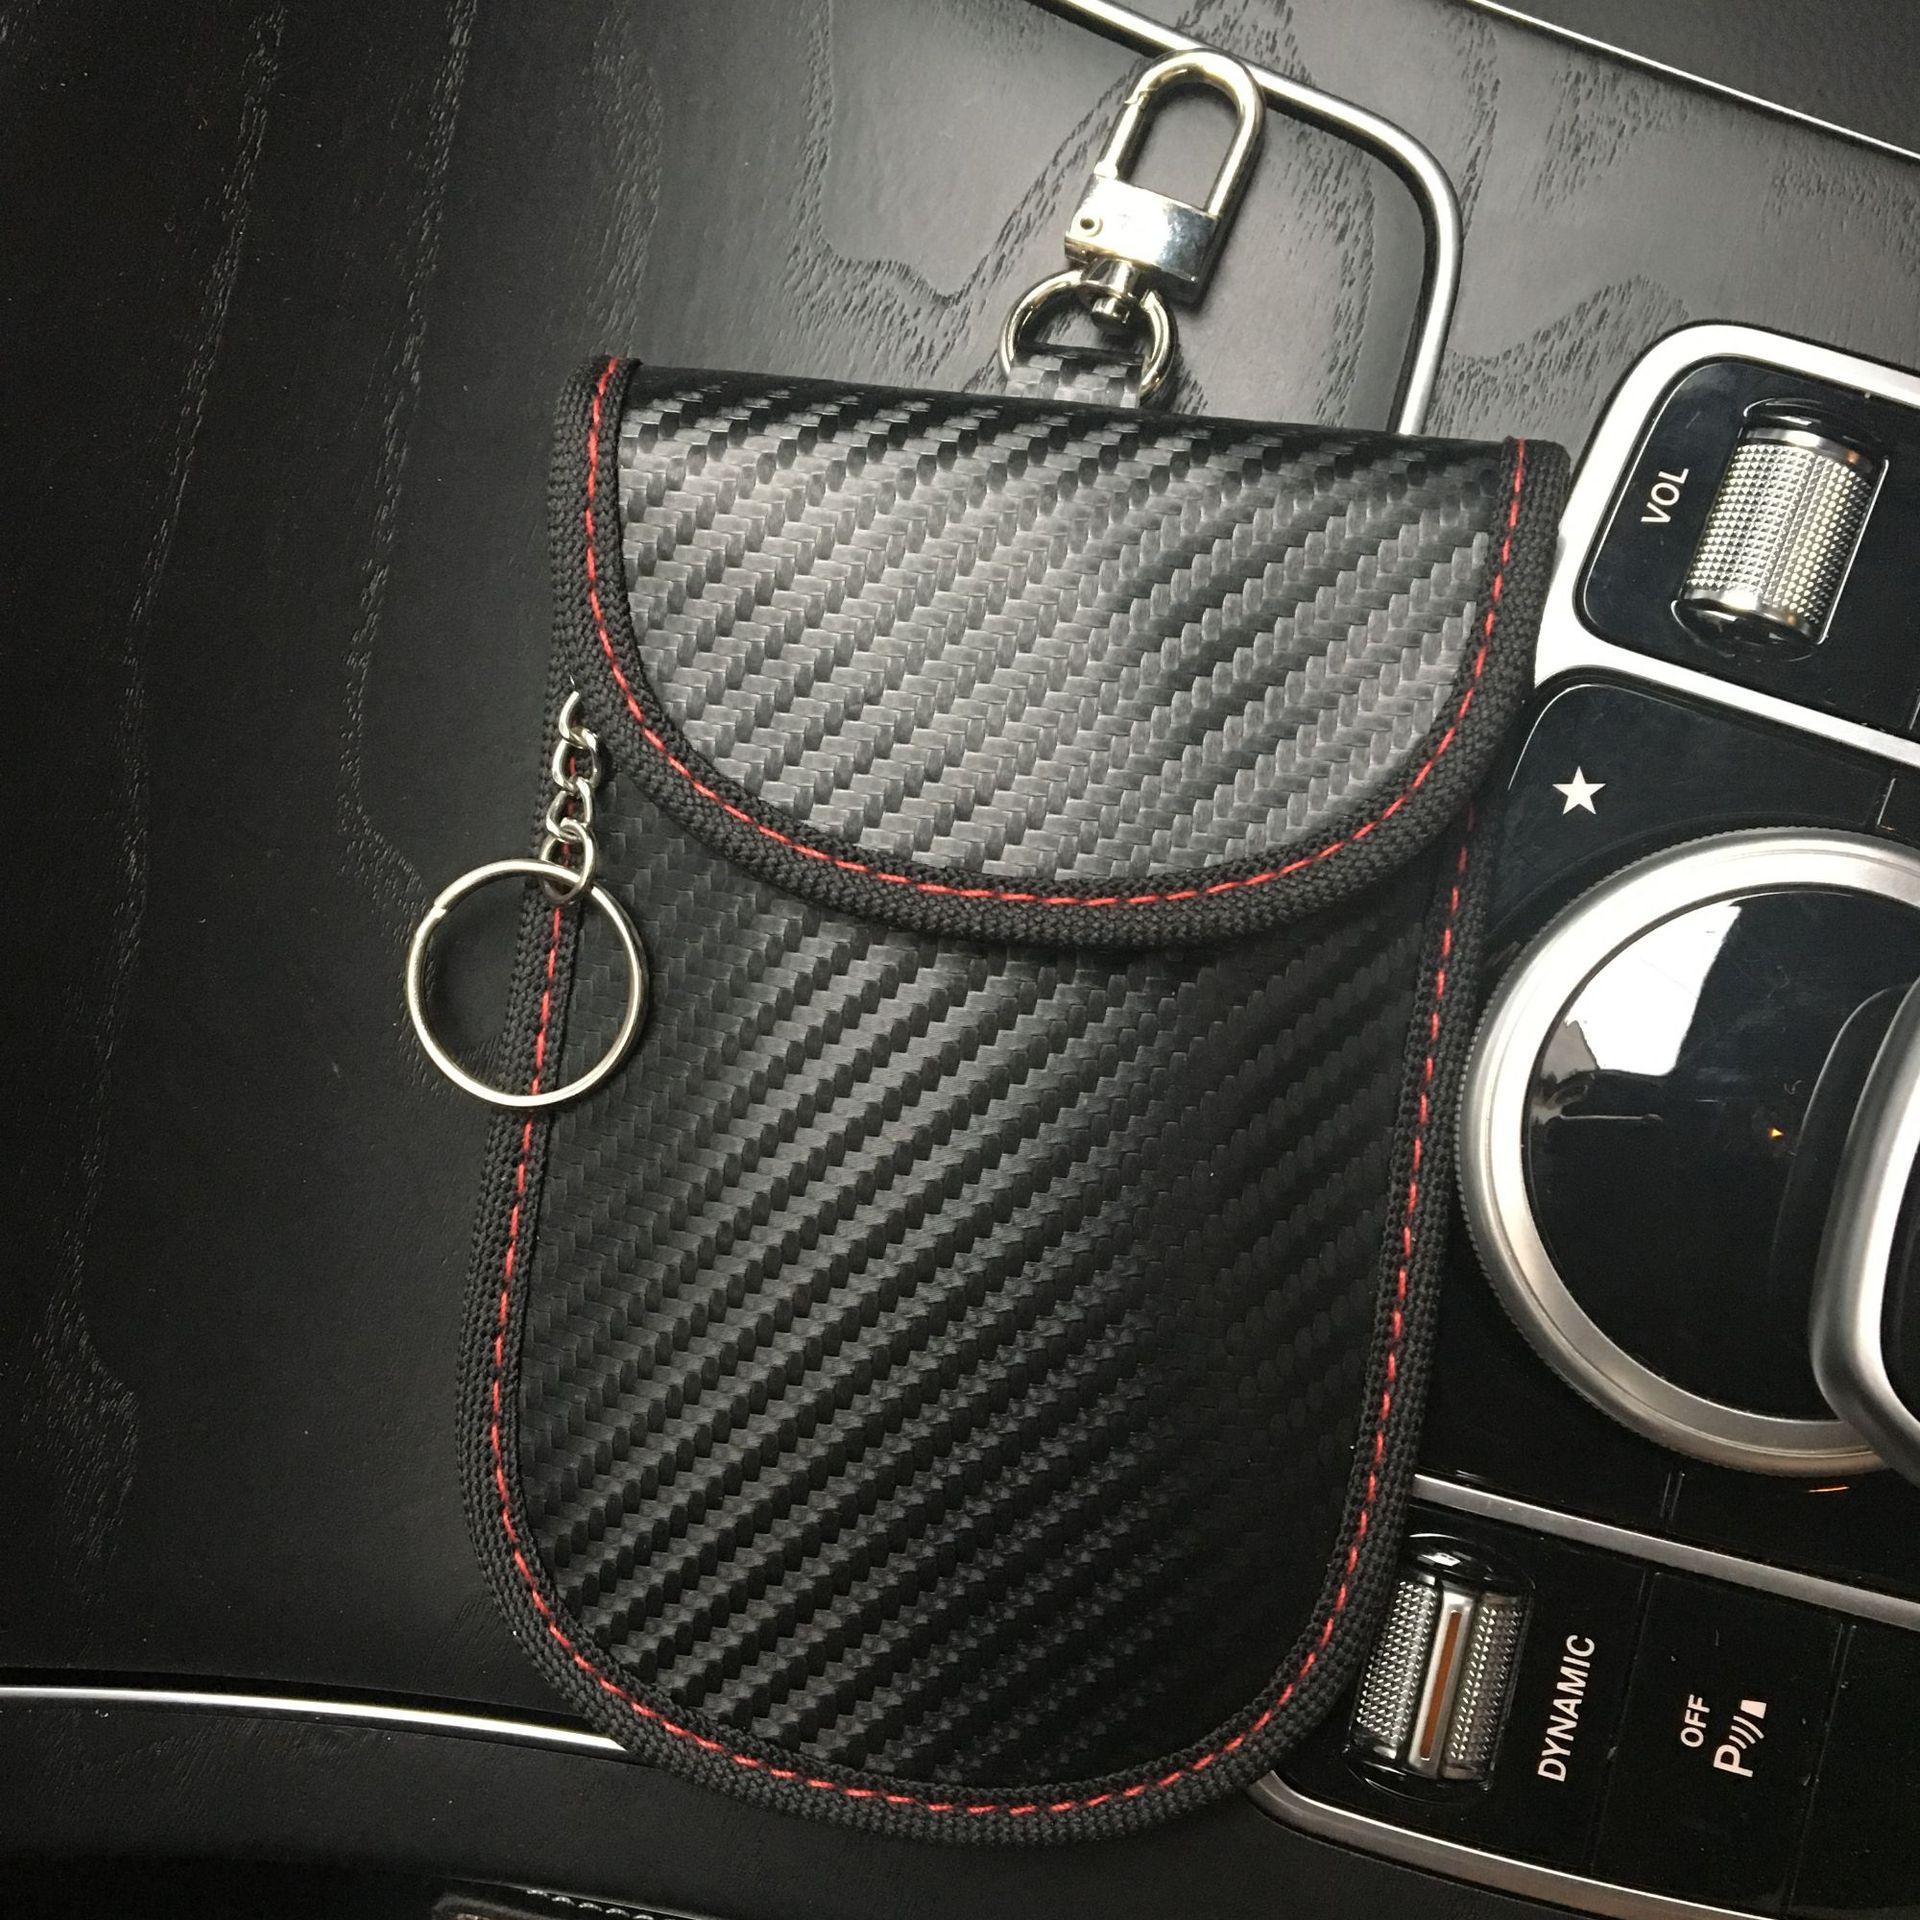 新款碳纤维RFID汽车遥控屏蔽信号定位钥匙包防盗防消磁防扫描